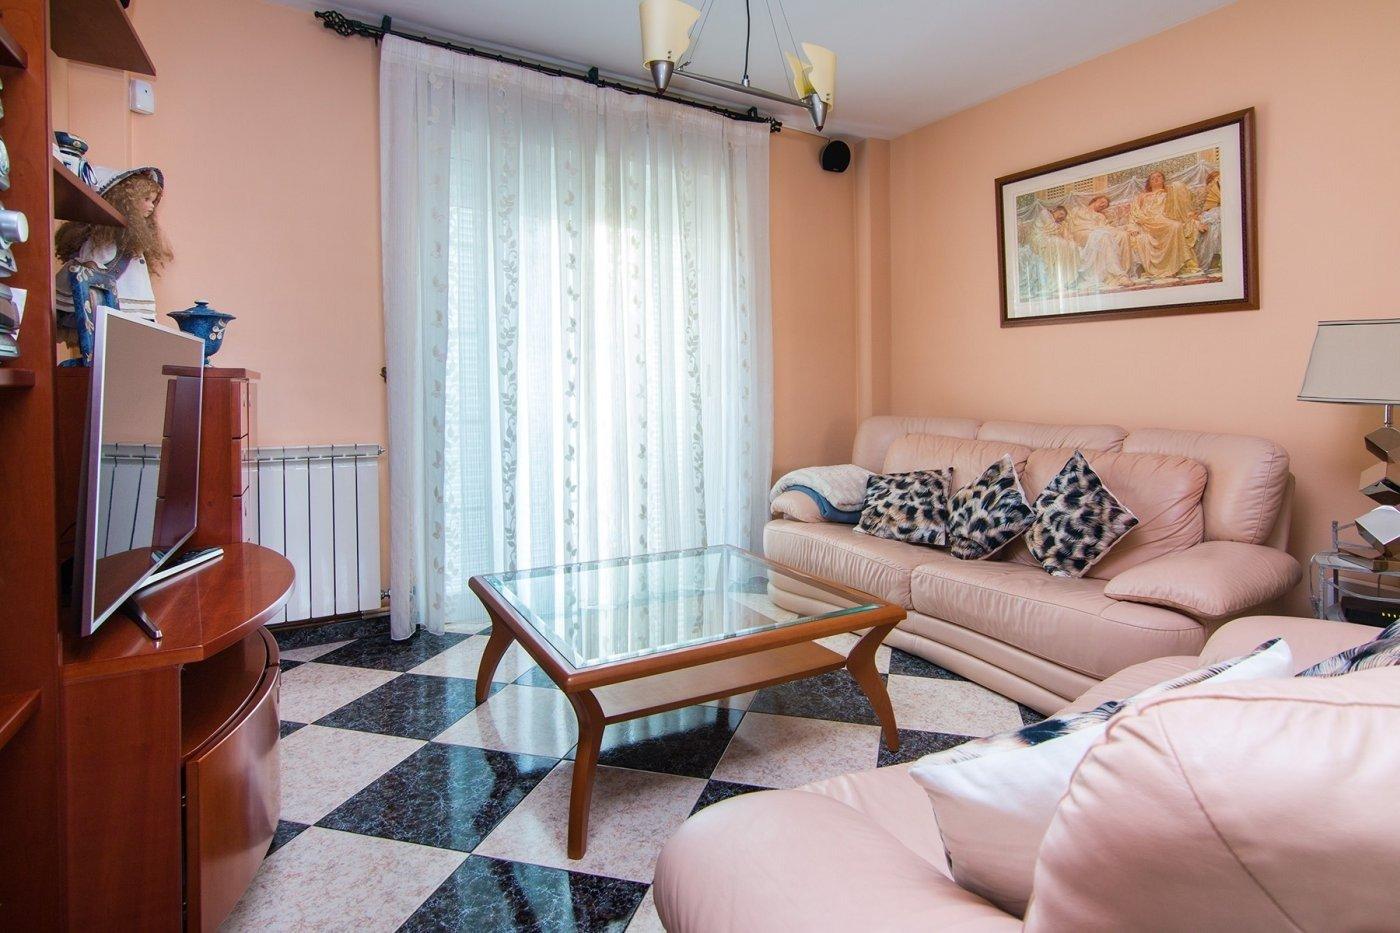 Preciosa casa para entrar a vivir en Cúllar Vega, Granada